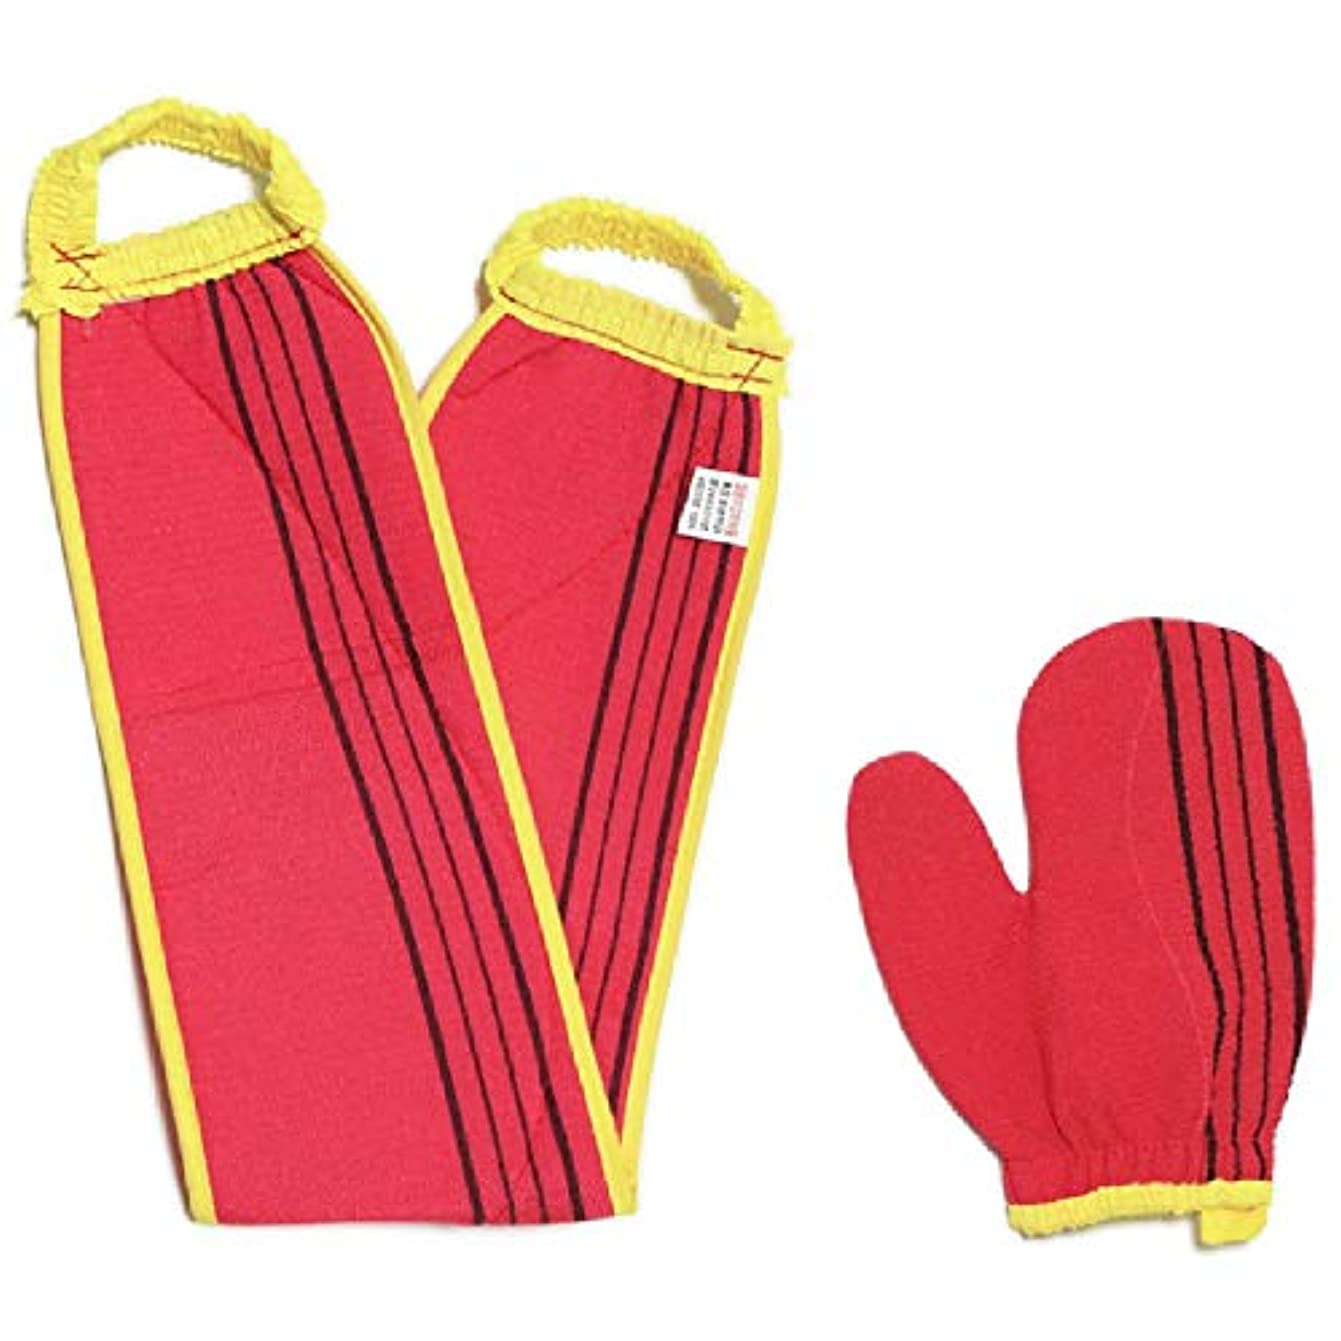 (韓国ブランド) スポンジあかすりセット 全身あかすり 手袋と背中のあかすり 全身エステ 両面つばあかすり お風呂グッズ ボディタオル ボディースポンジ (赤色セット)